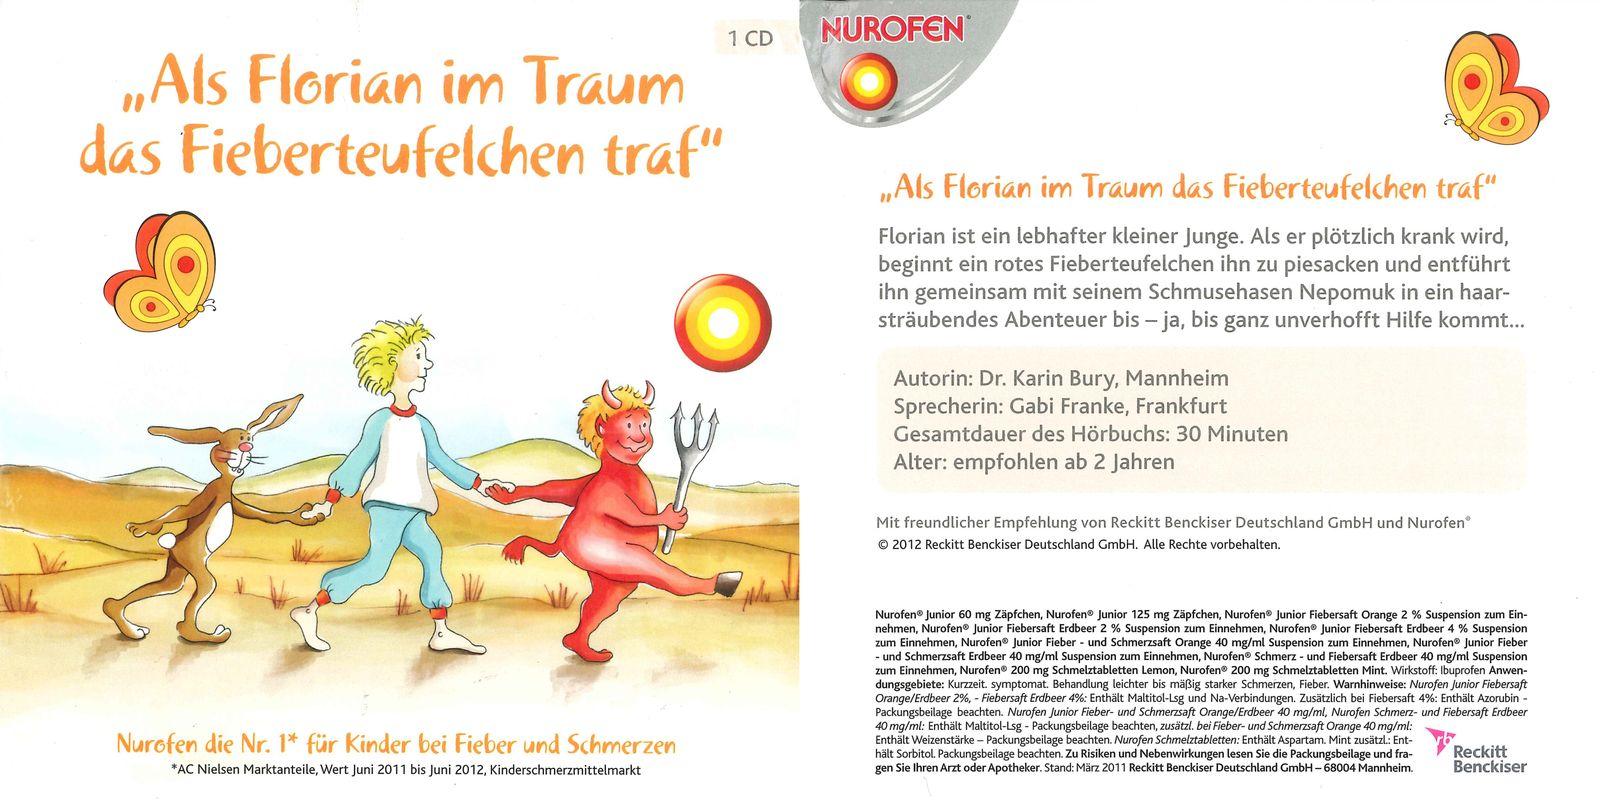 Nurofen/ Schmerzmittel für Kinder